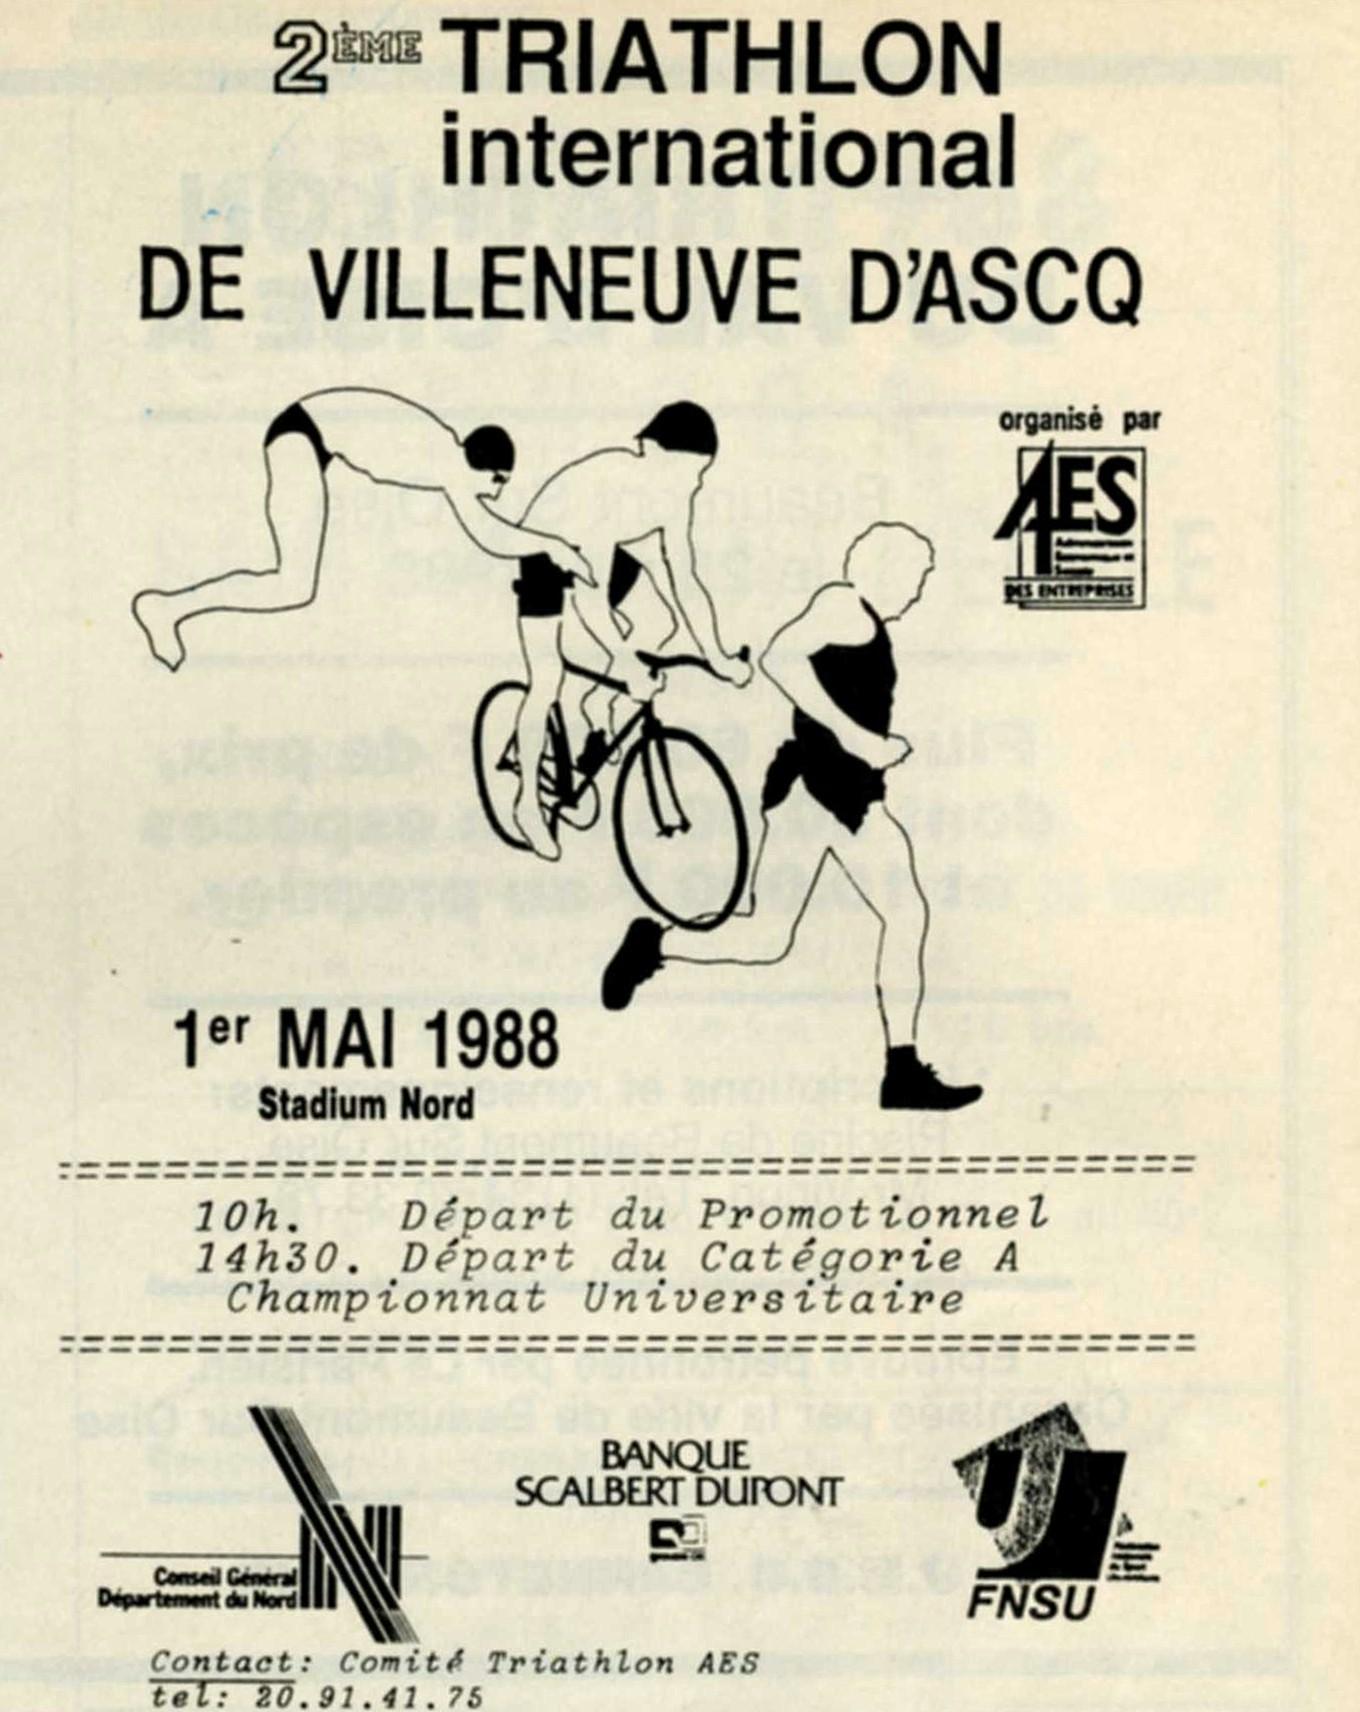 img956_01-05-1988_villeneuve_d'ascq